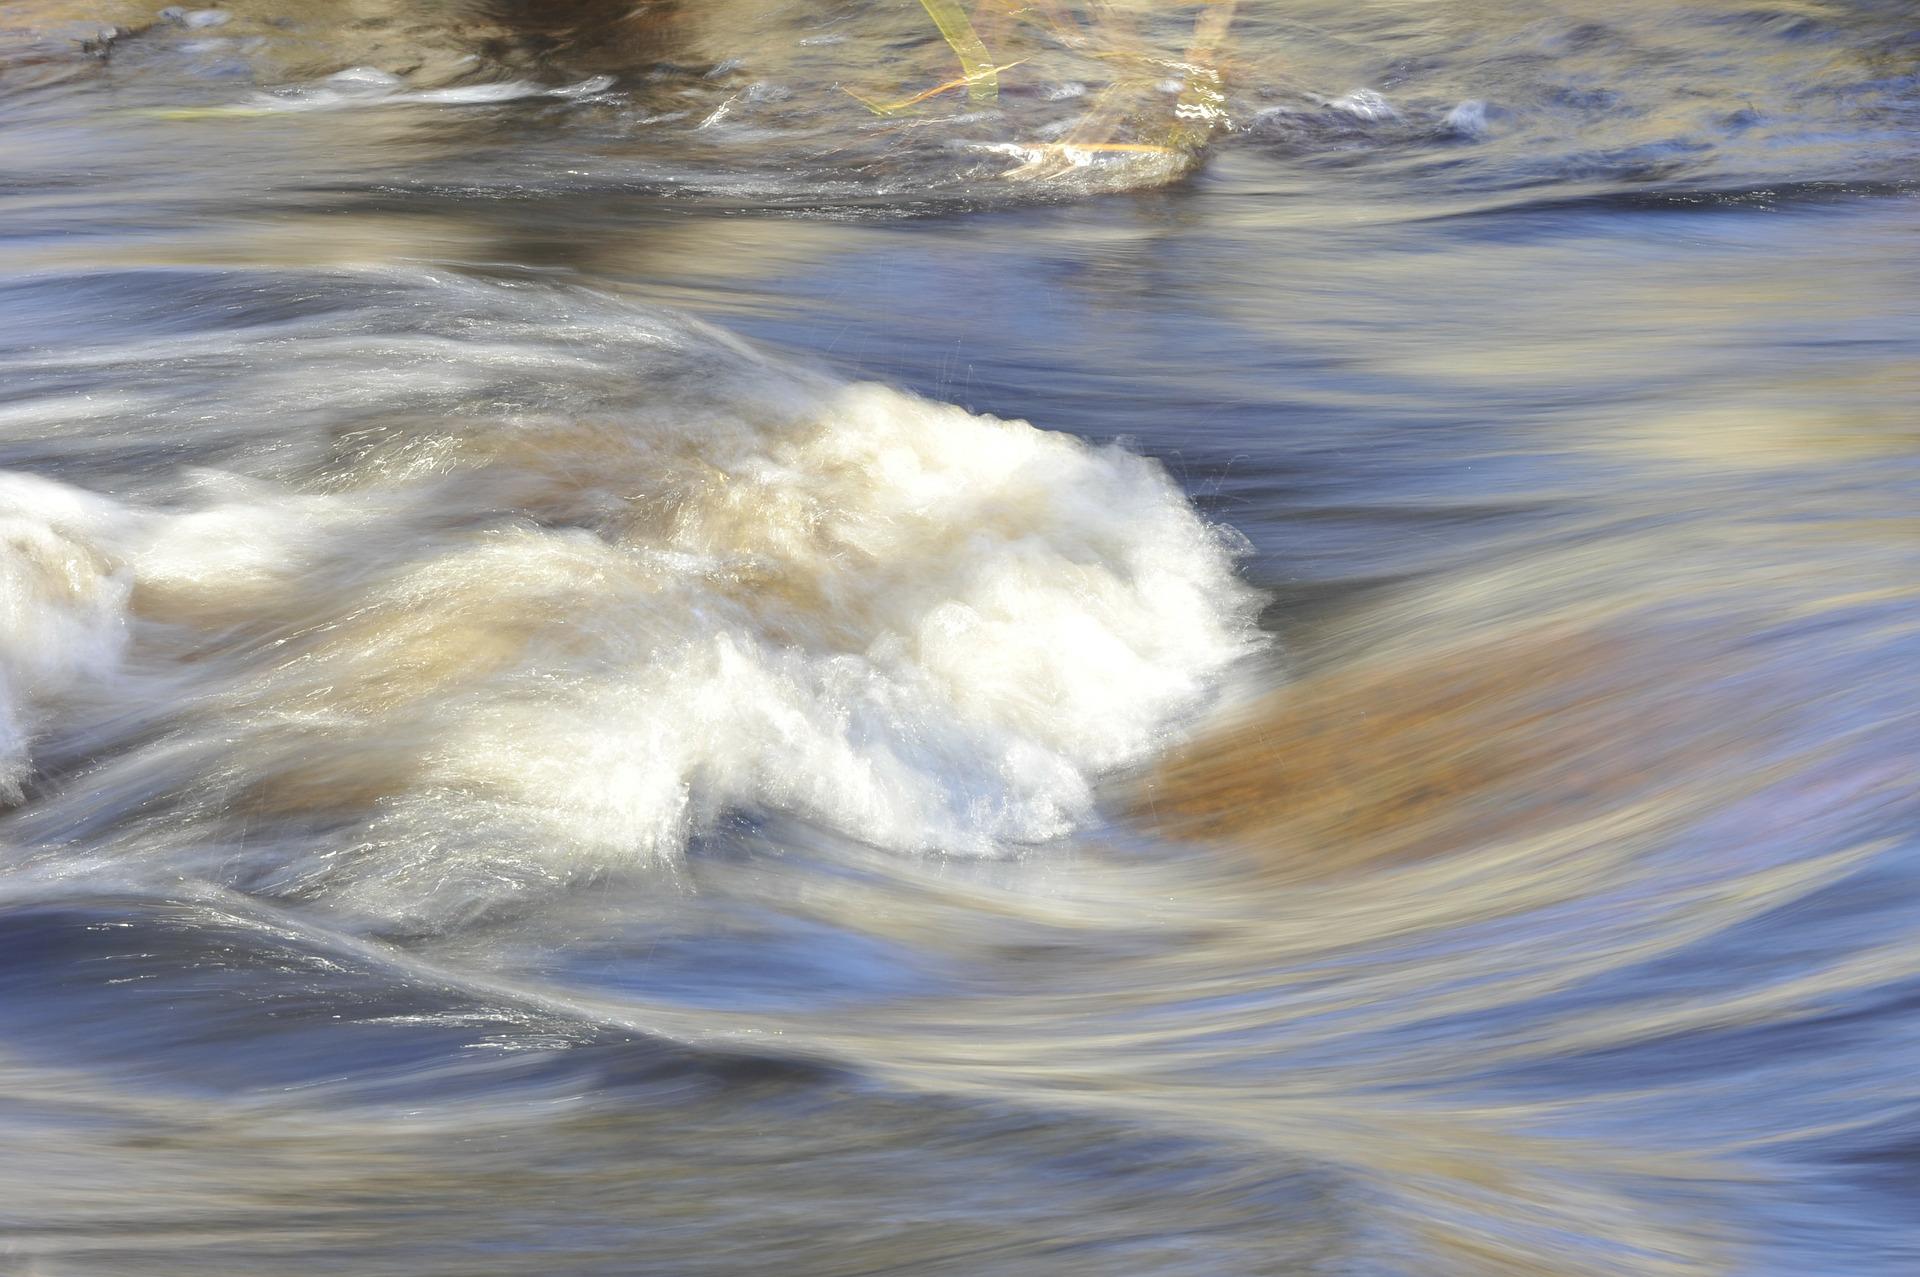 water-195926_1920.jpg